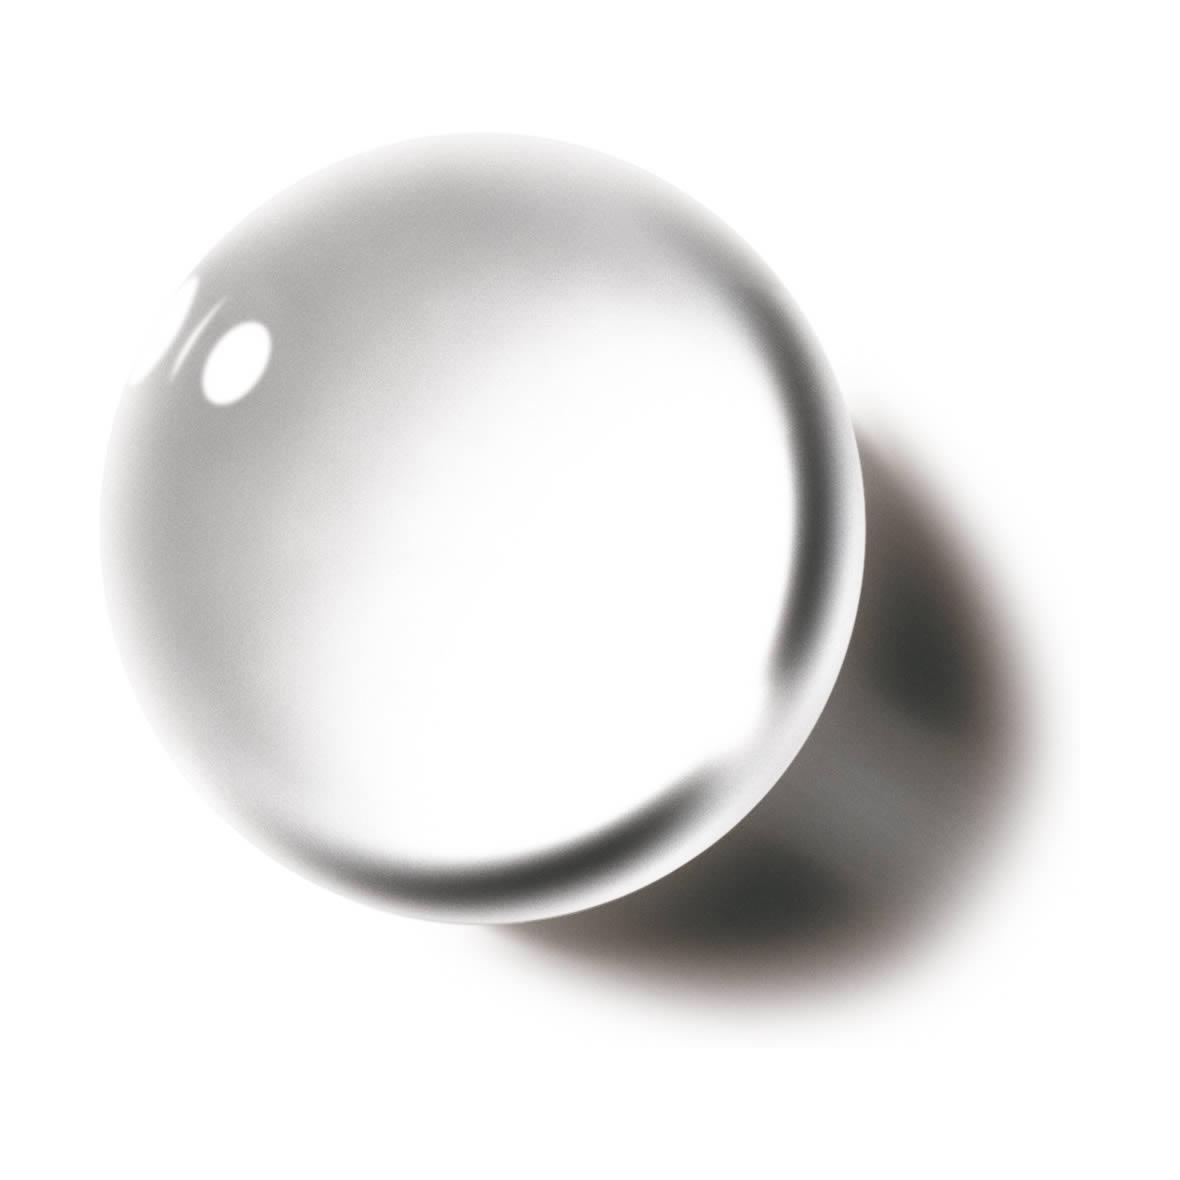 Solución Micelar packshot from Desmaquillantes/Desodorantes fisiológicos, by La Roche-Posay